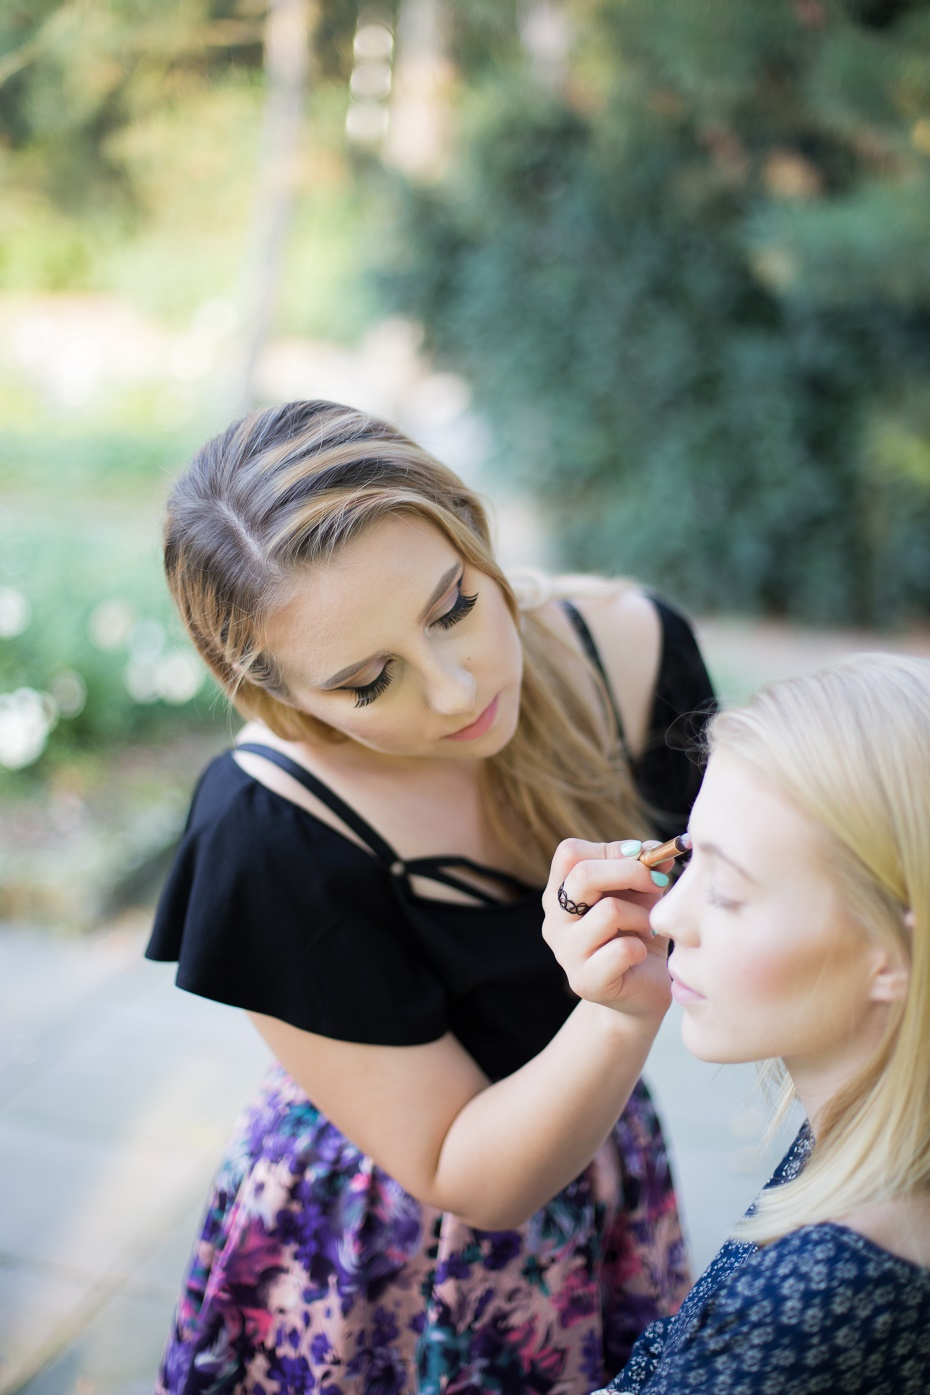 Joanna-Soszyńa_makeup